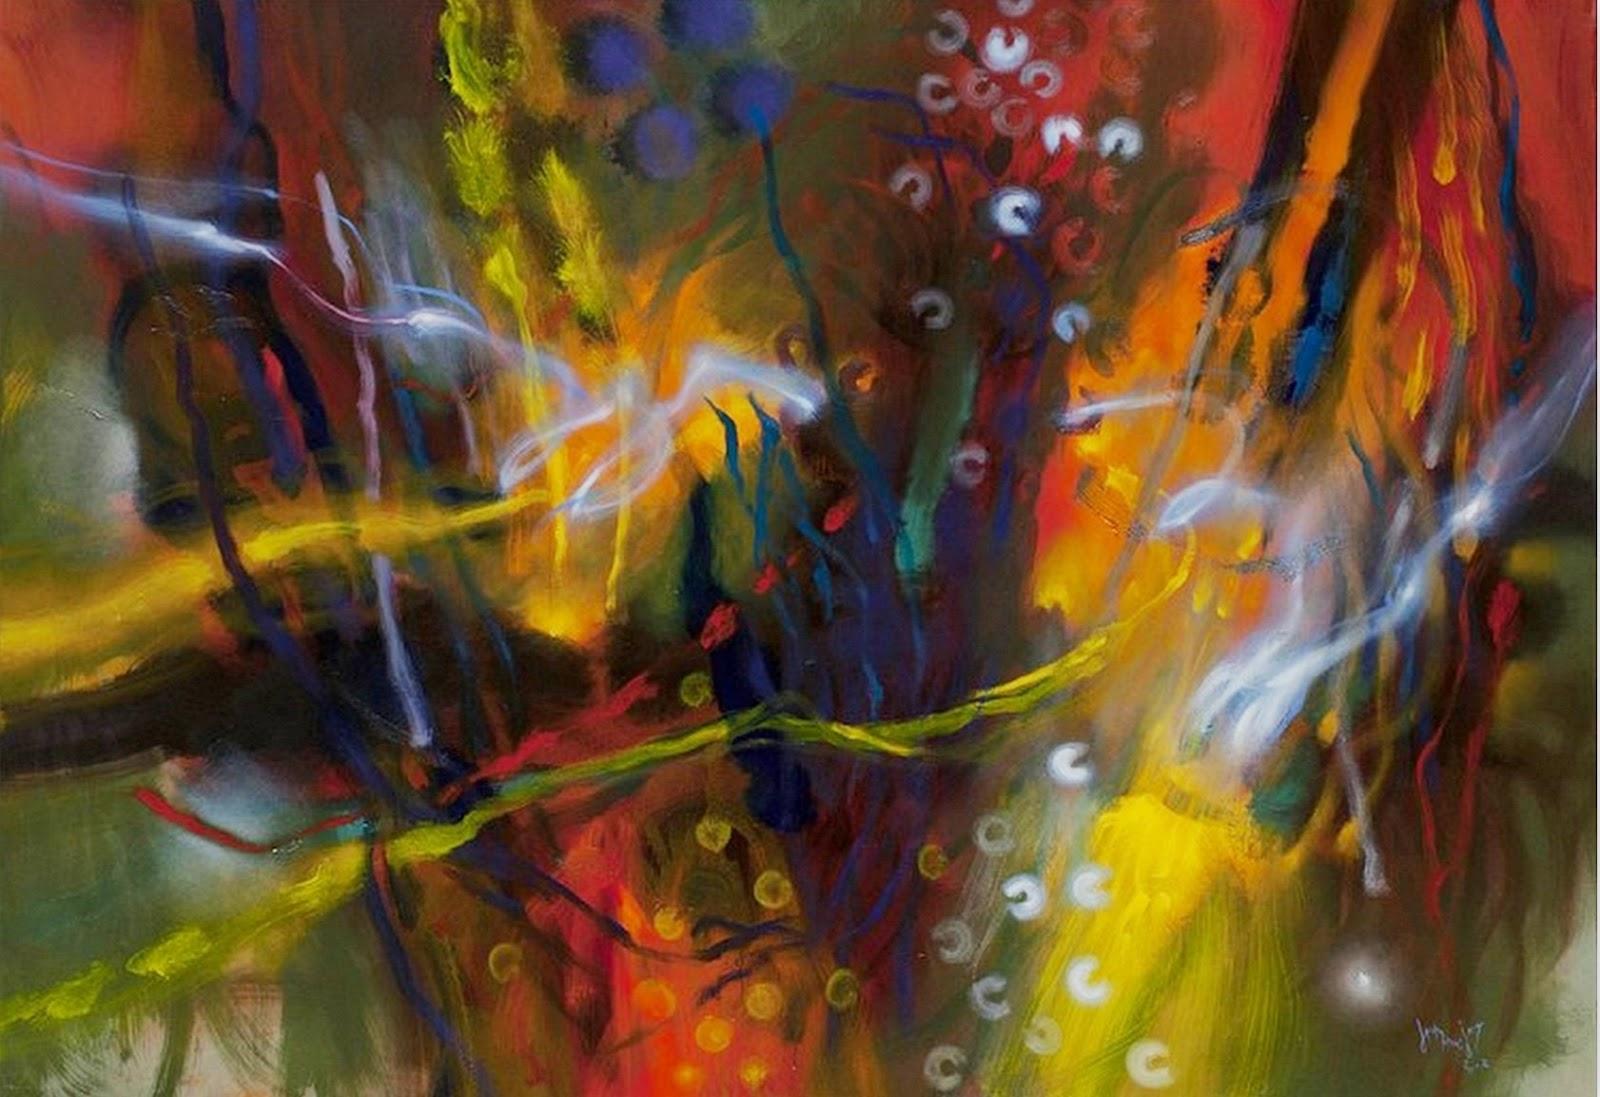 Cuadros pinturas oleos bonitos cuadros abstractos para sala for Imagenes de cuadros abstractos modernos para sala